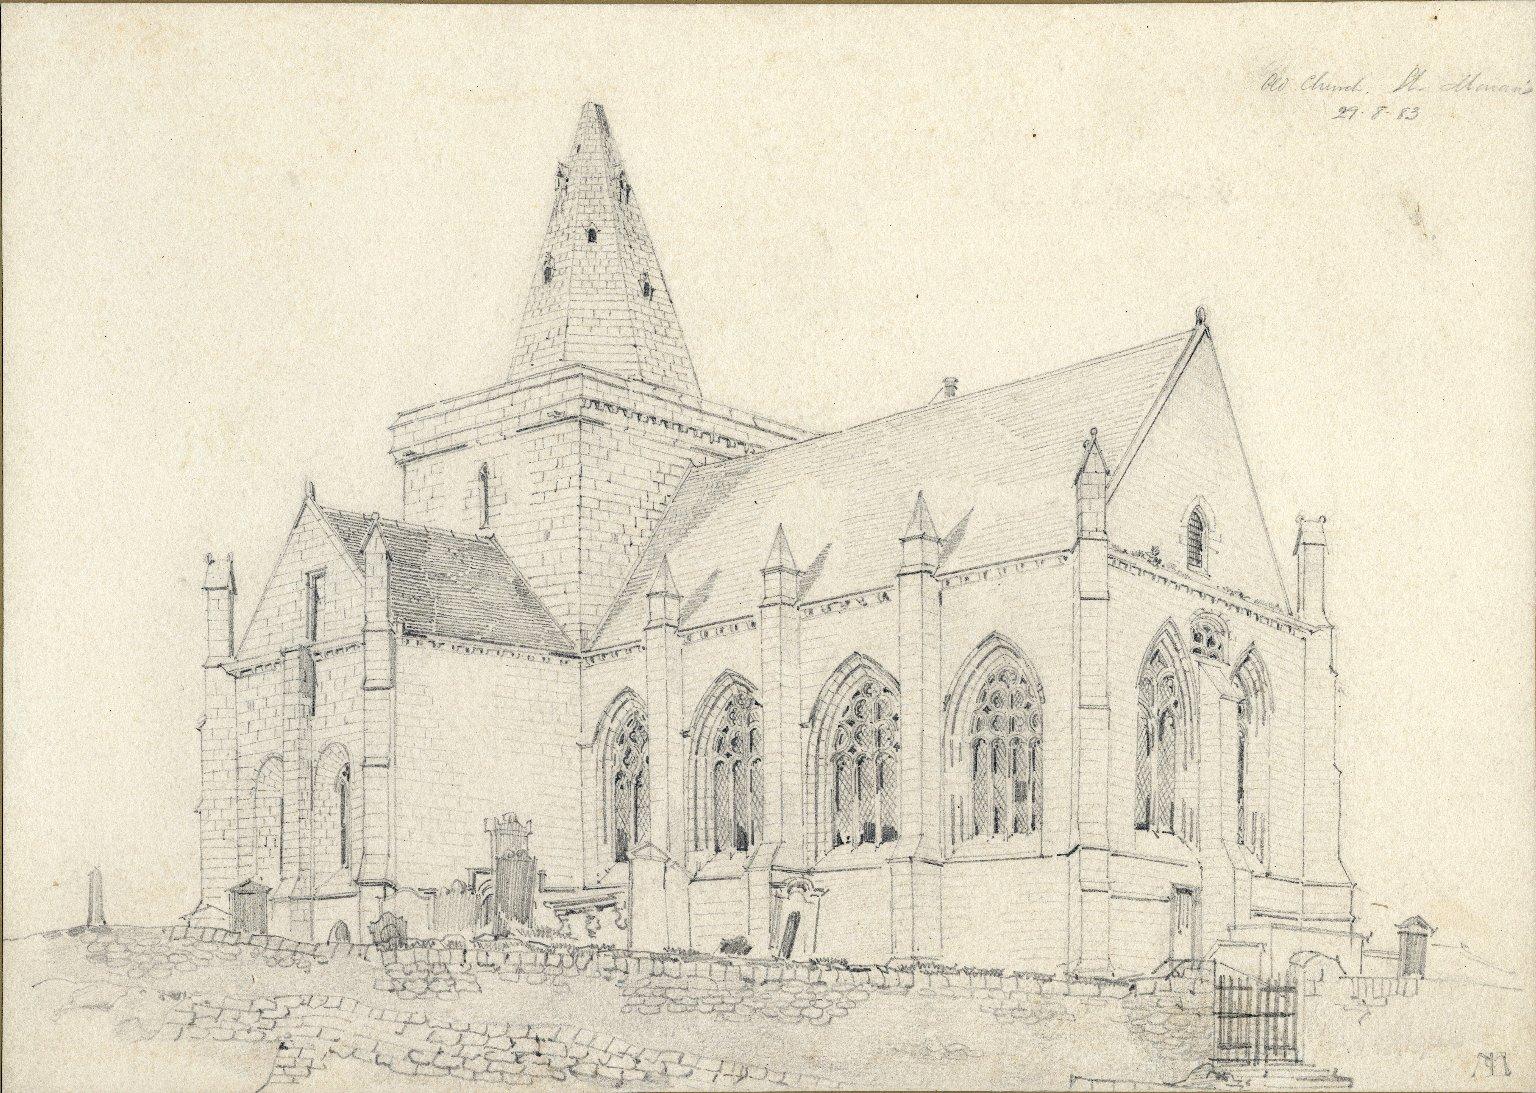 Church at St. Ninians